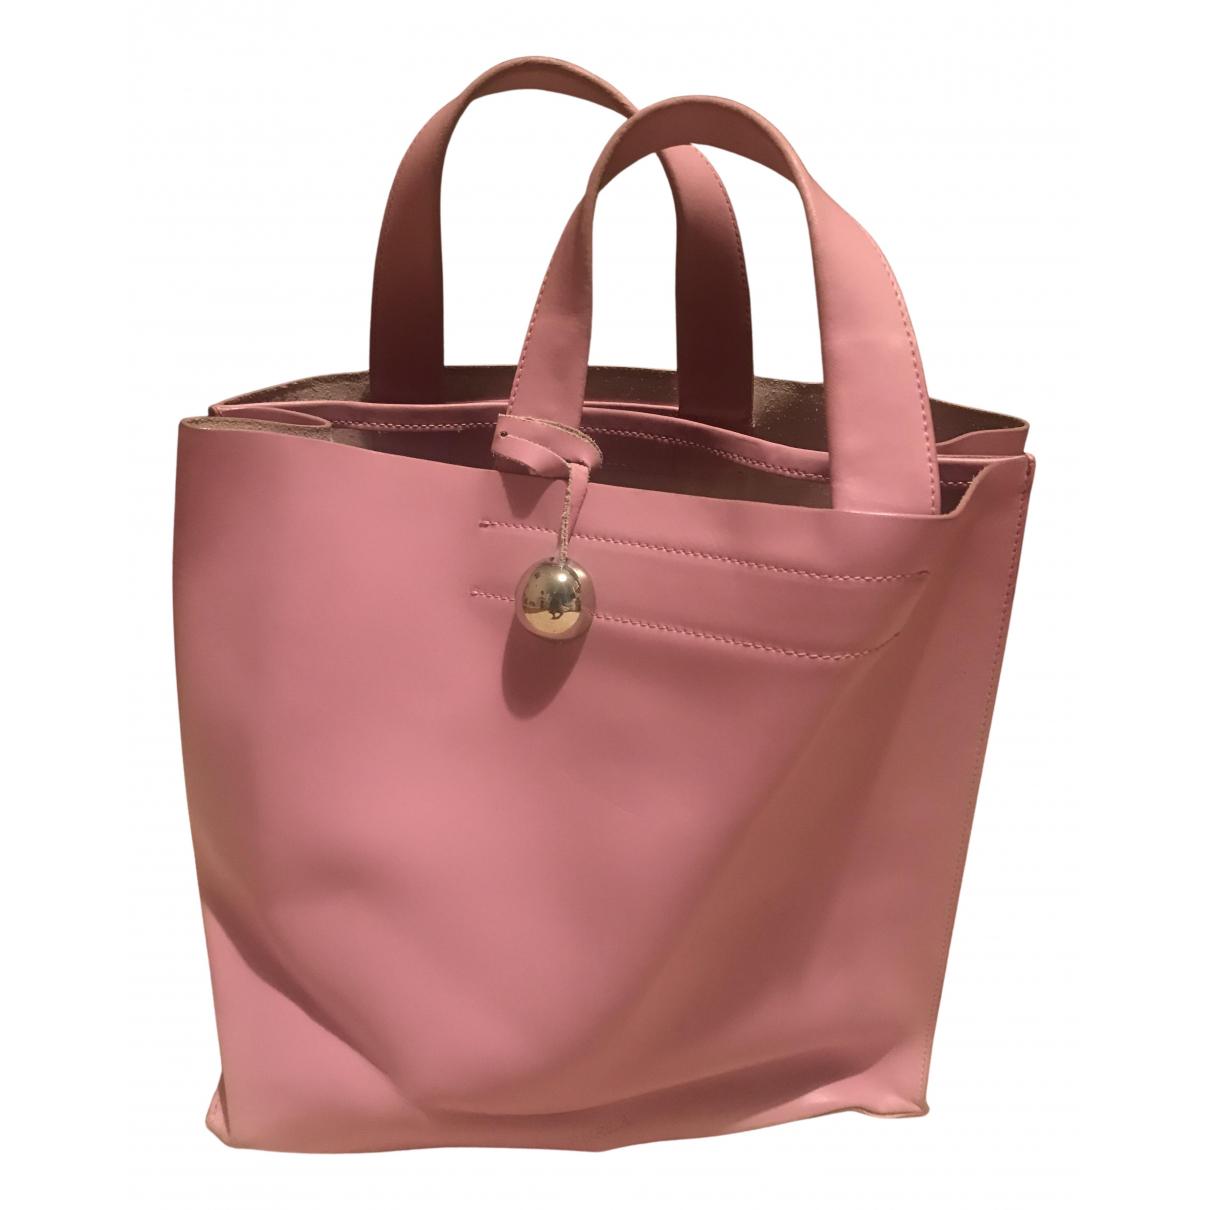 Furla \N Handtasche in  Rosa Leder